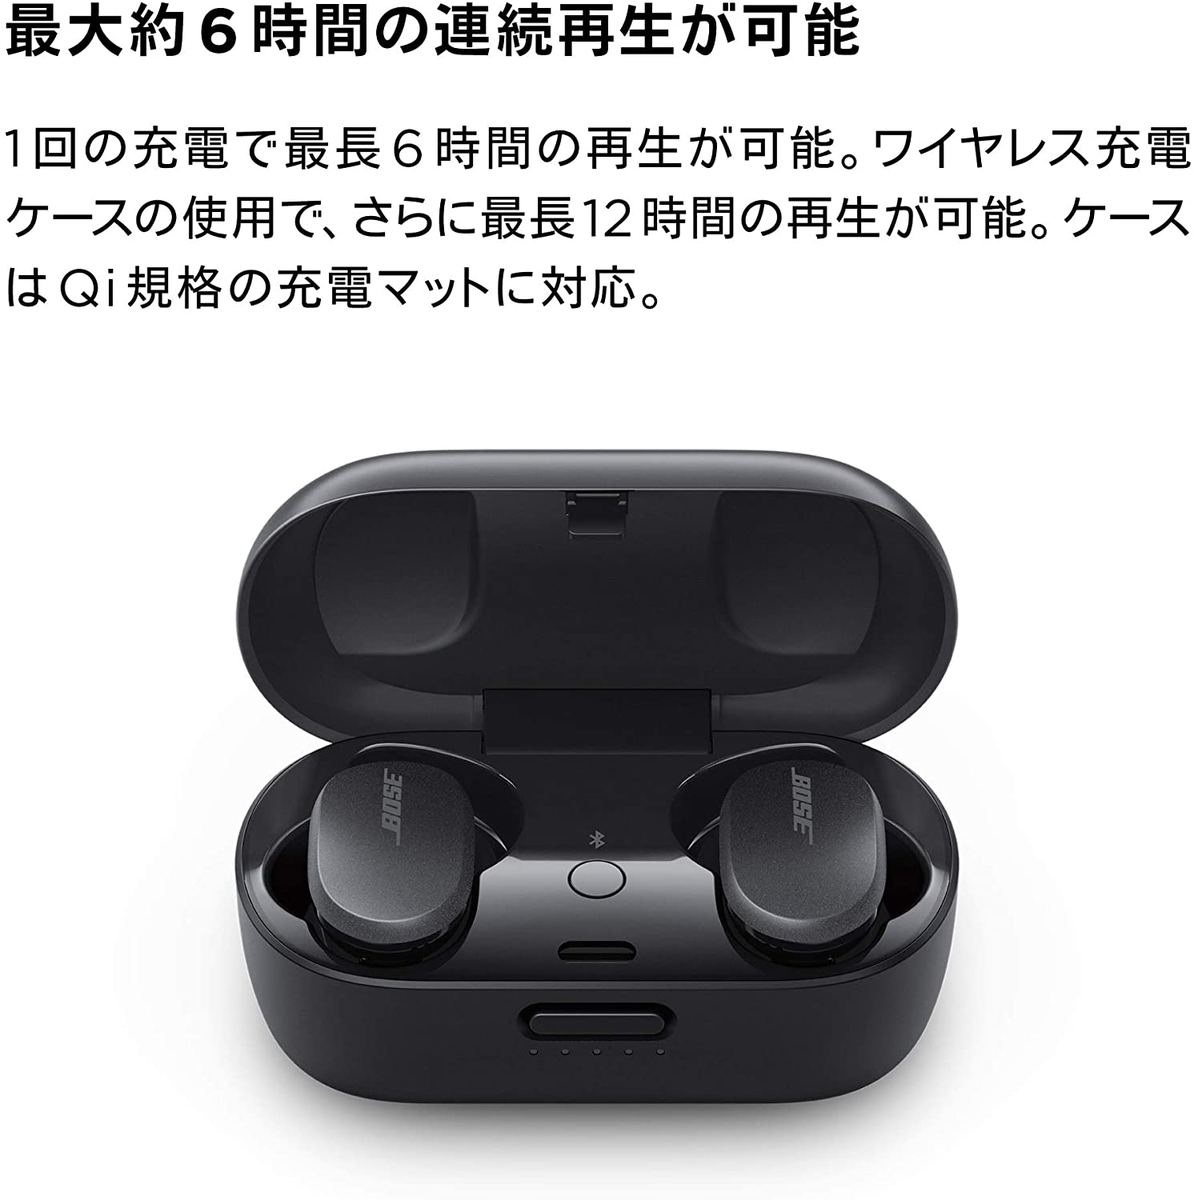 Bose QuietComfort Earbuds 2